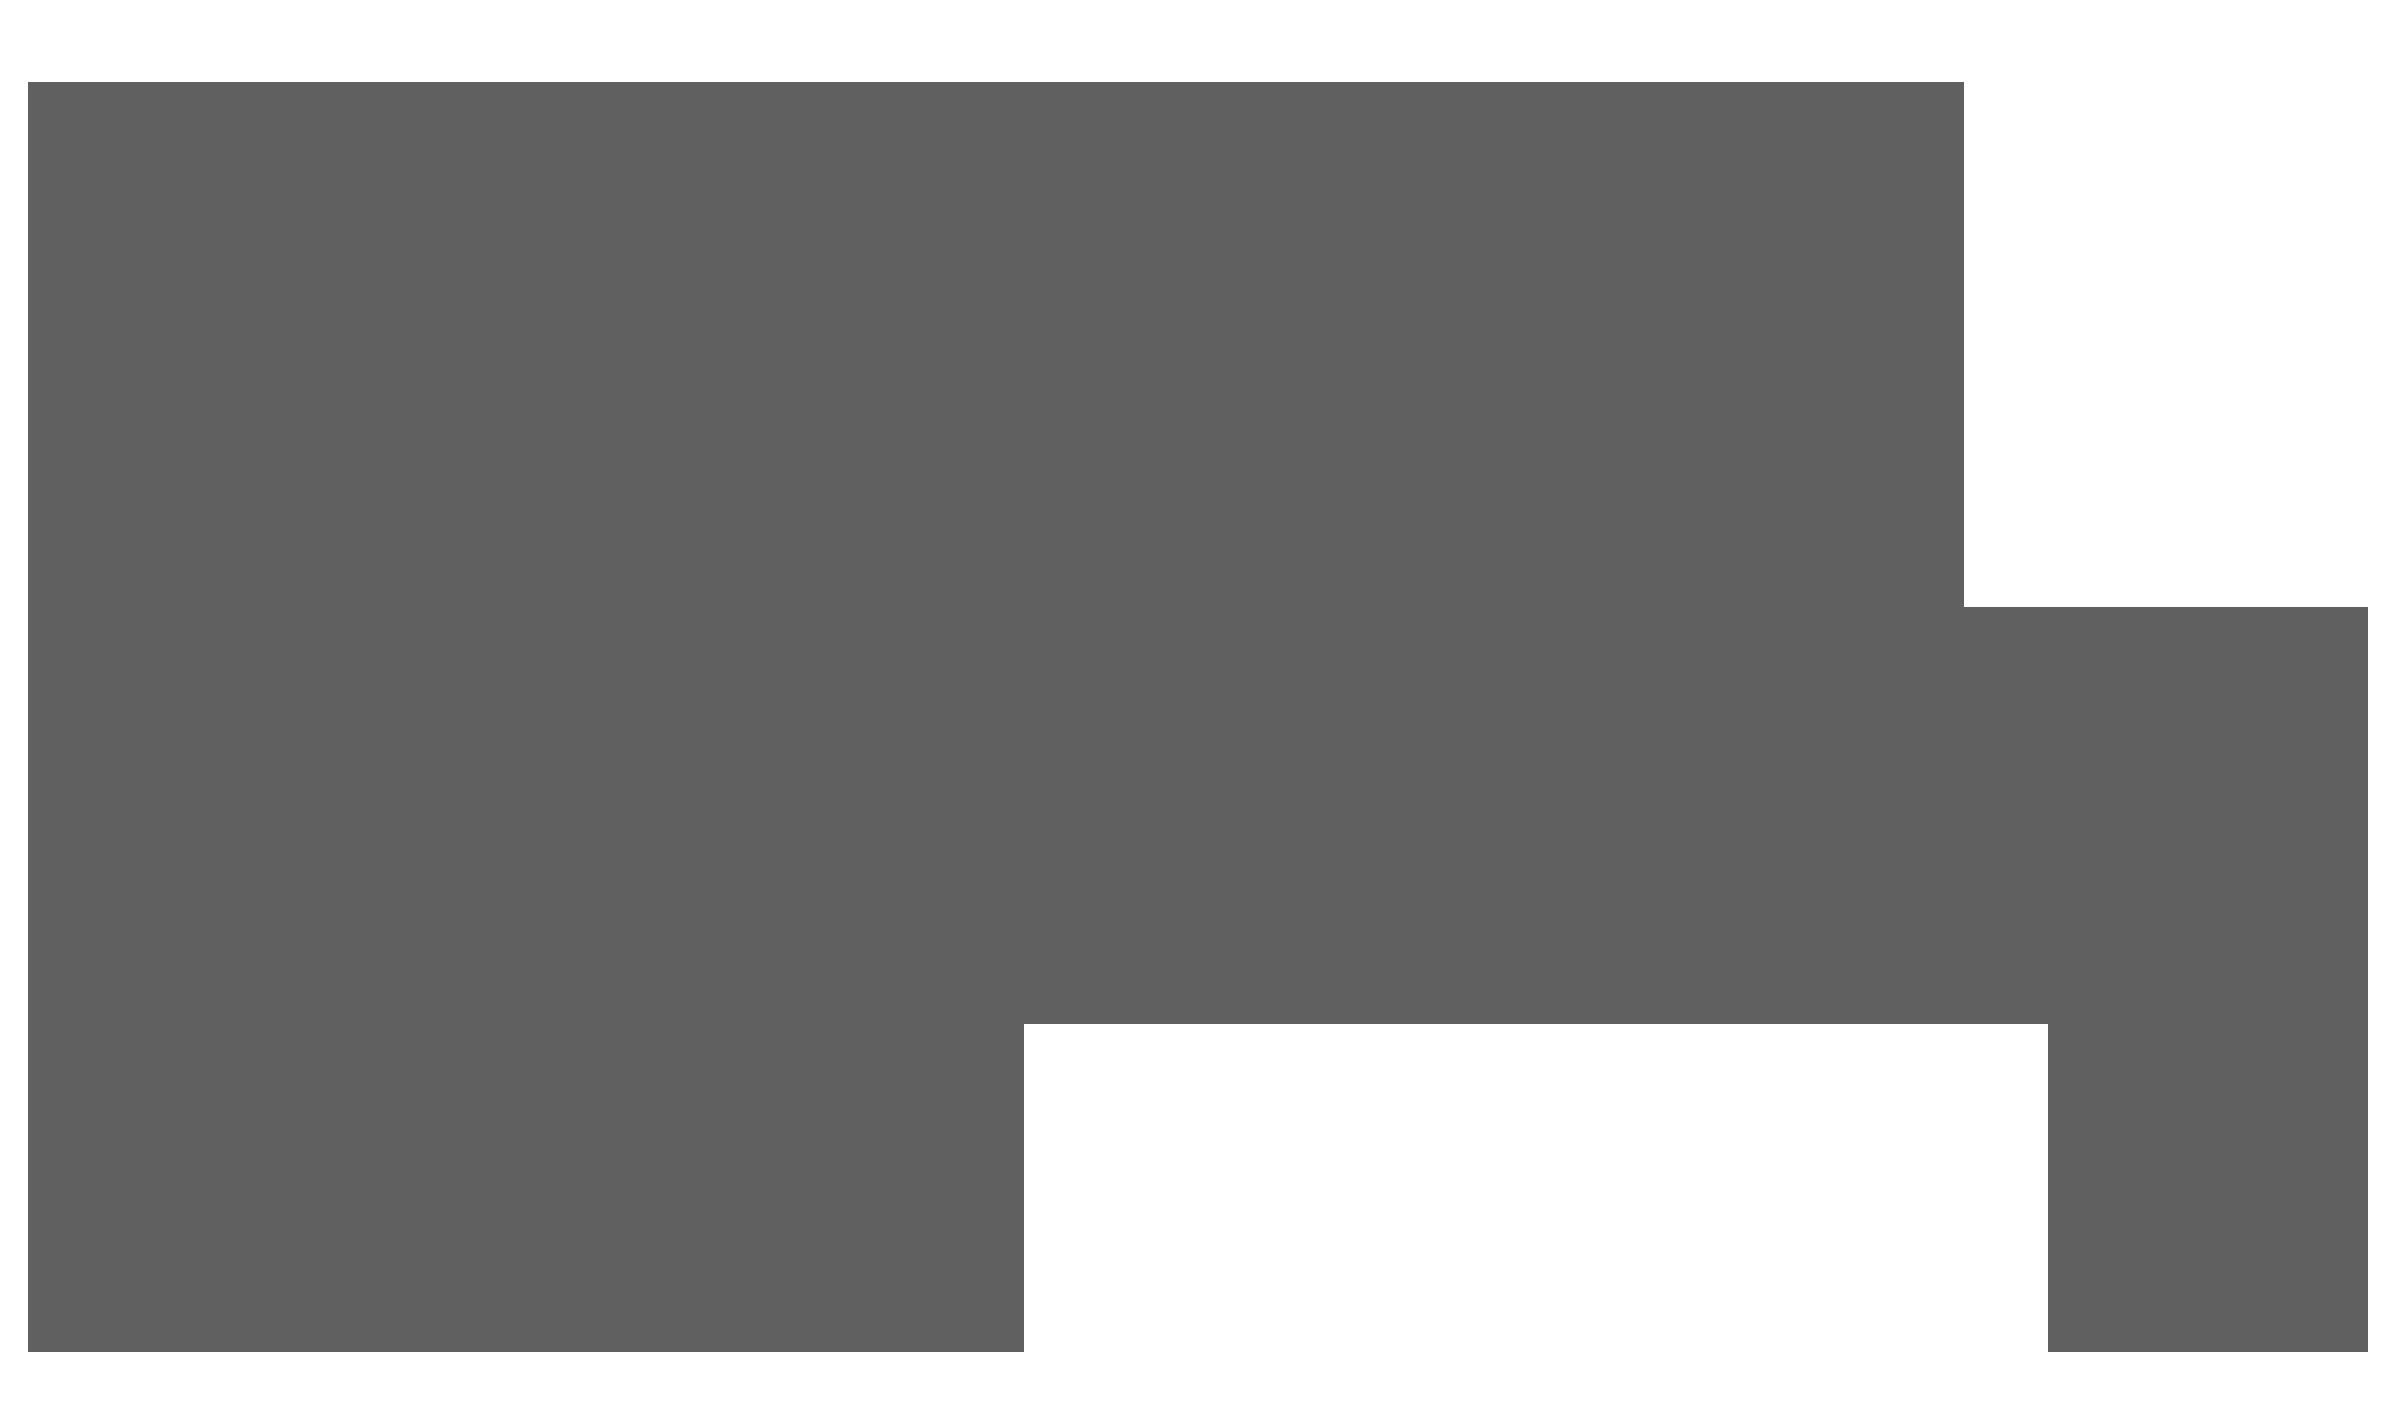 2403x1412 Sale For Men's Amp Women's Glasses Amp Sunglasses Eyeglasses